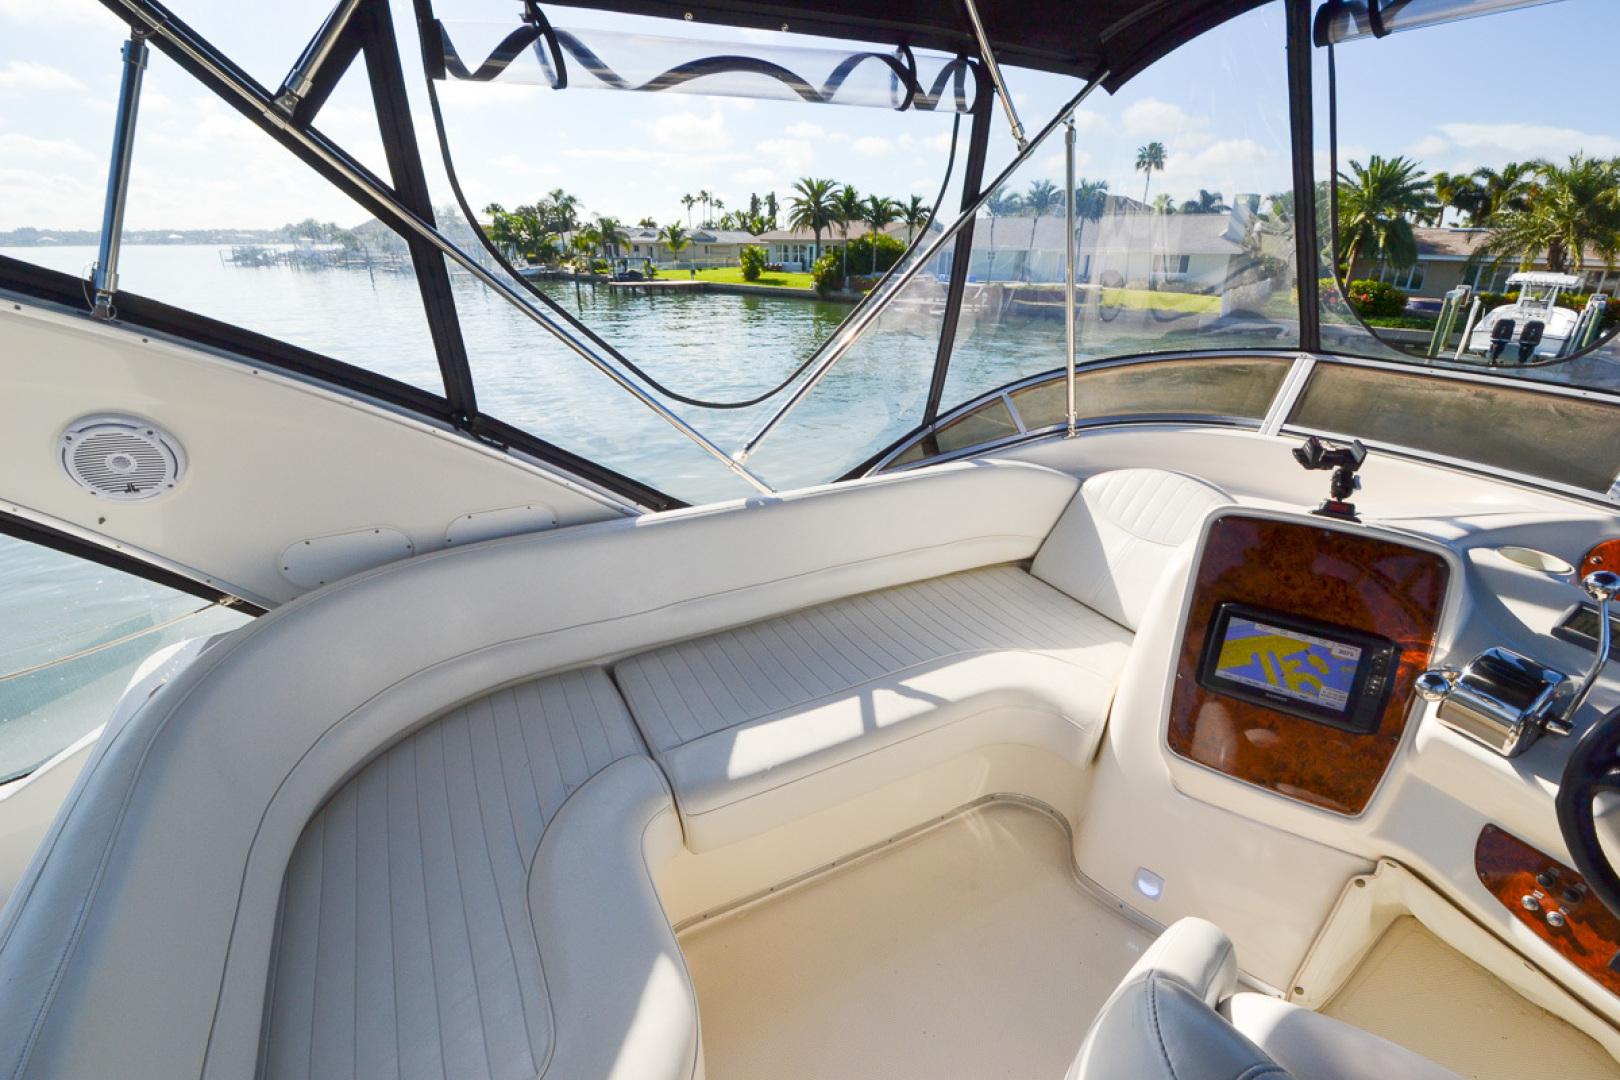 Meridian-341 Sedan 2004-Sea Harmony Belleair Beach-Florida-United States-1496634 | Thumbnail